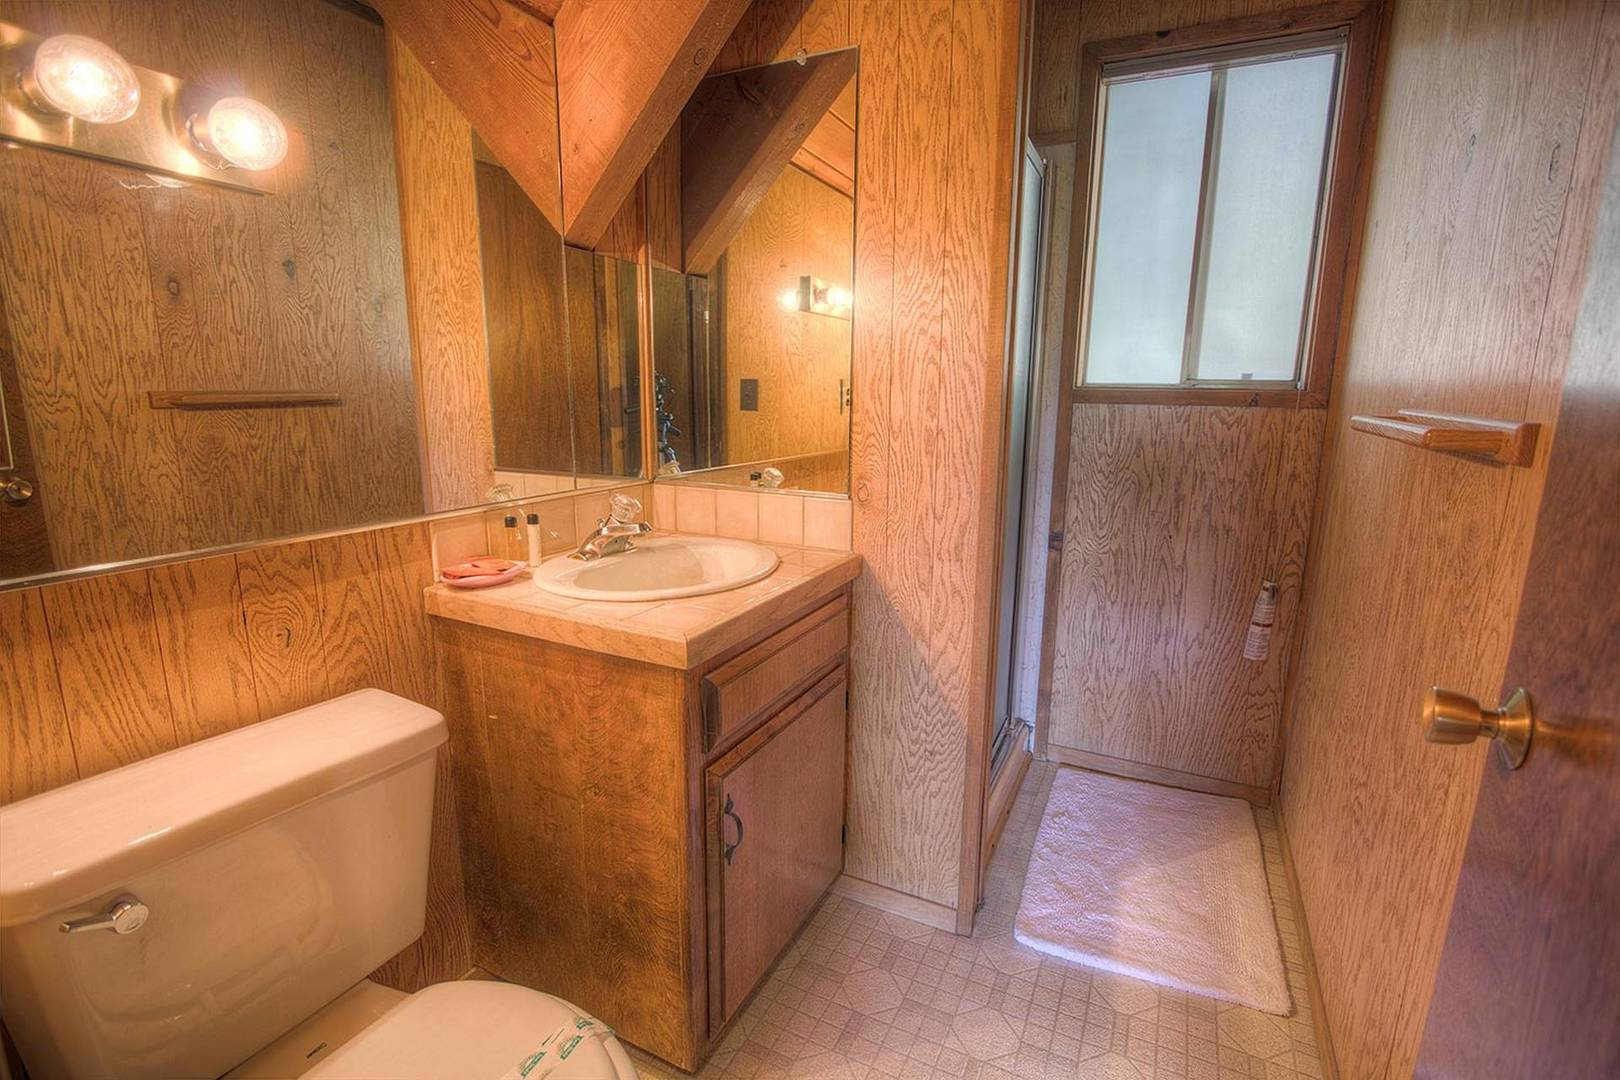 cyh0820 bathroom